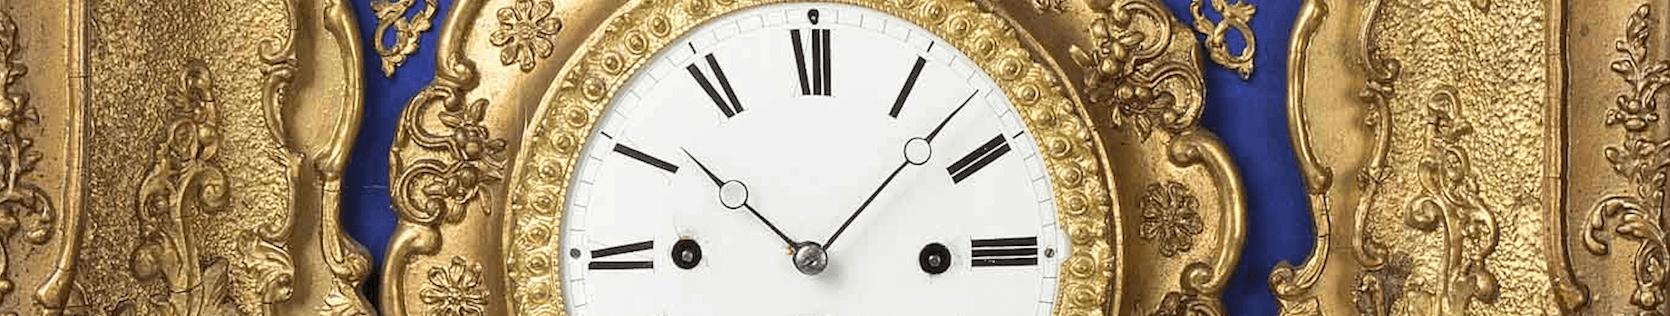 Антиквариат часы настенные